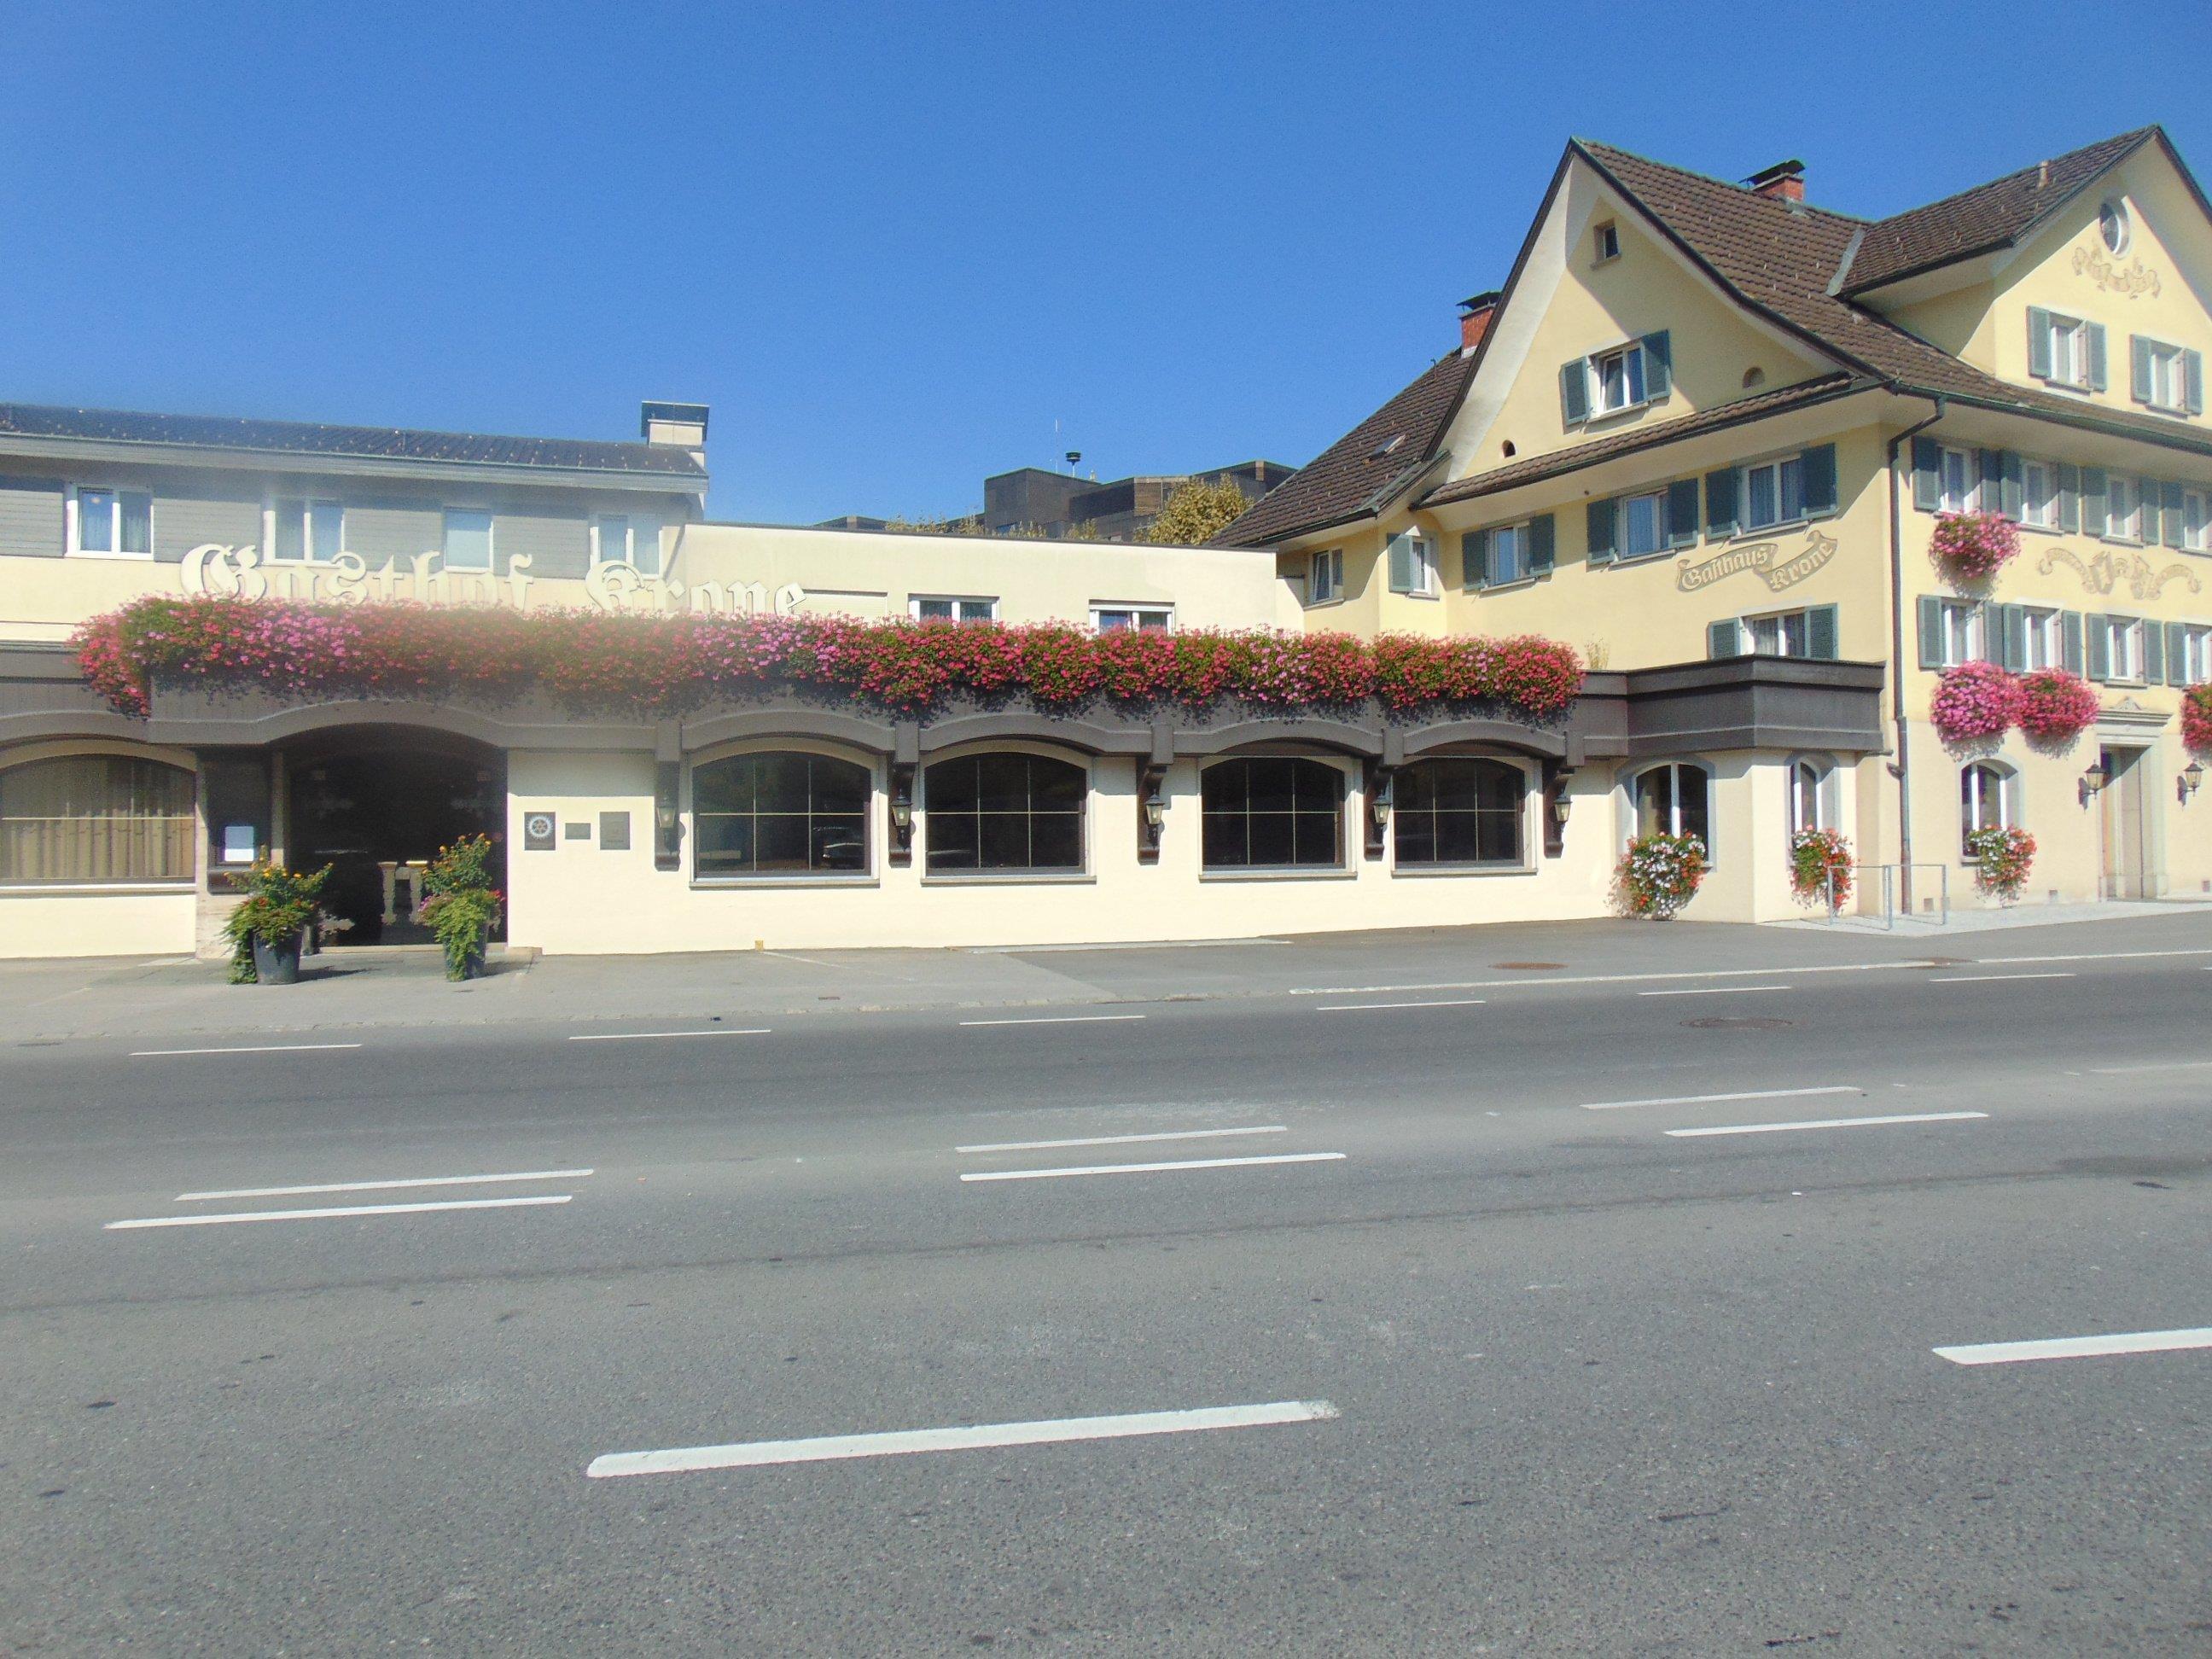 Das Restaurant Krone erstrahlt in neuem Glanz